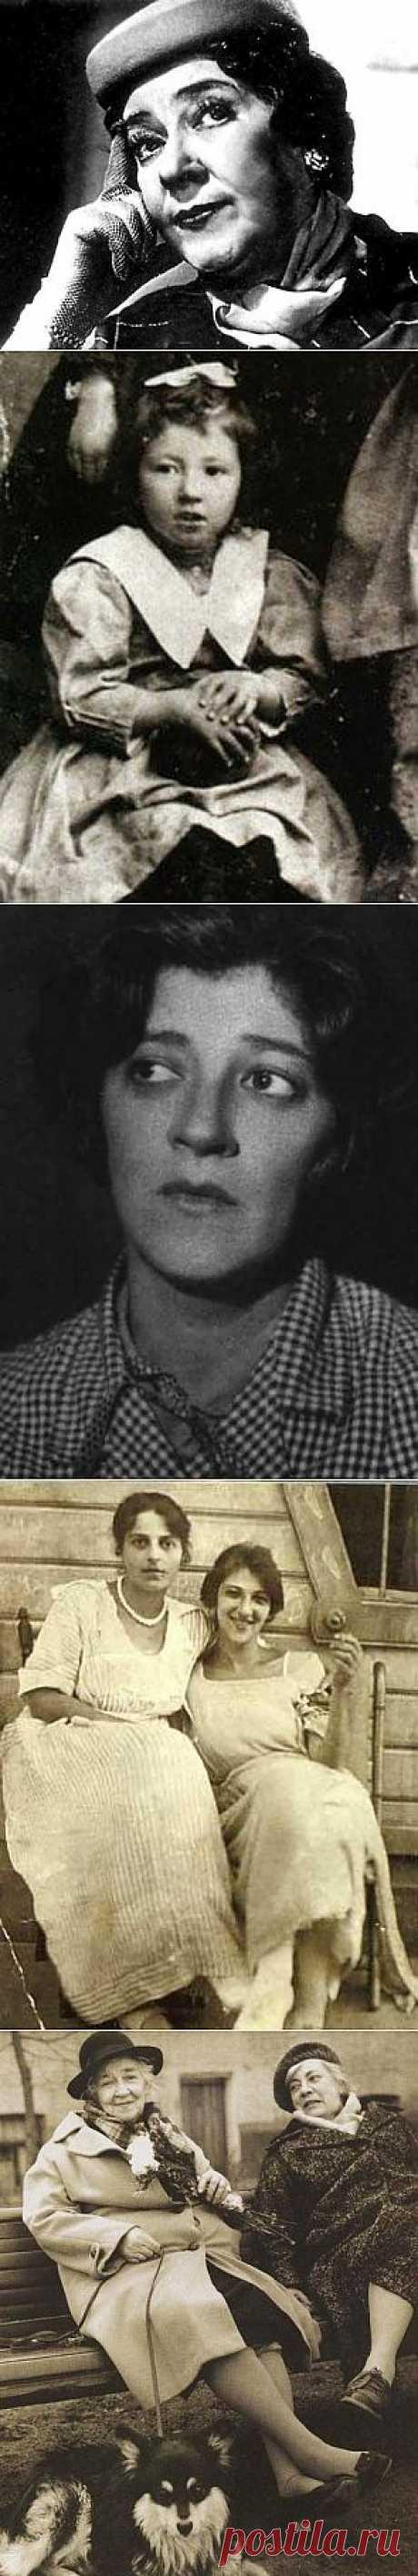 7 августа 2013-го исполнилось 117 лет со дня рождения замечательной артистки театра и кино, остроумной женщины Фаины Георгиевны Раневской.